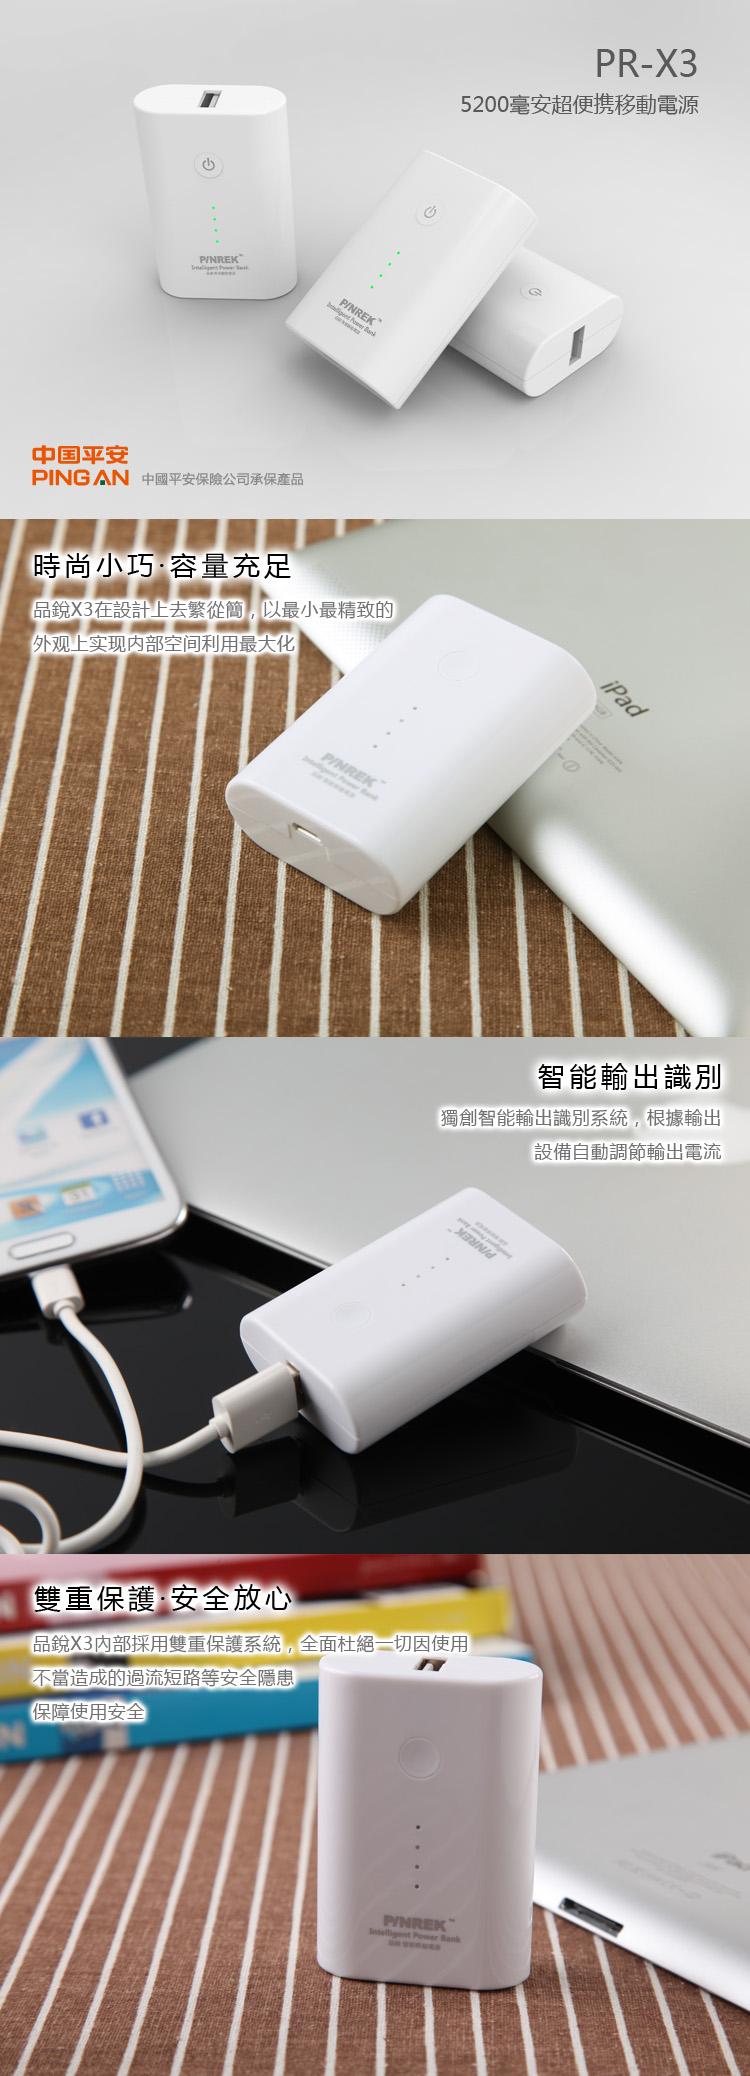 品锐X3便携式5200毫安移动电源 手机通用充电宝图片一